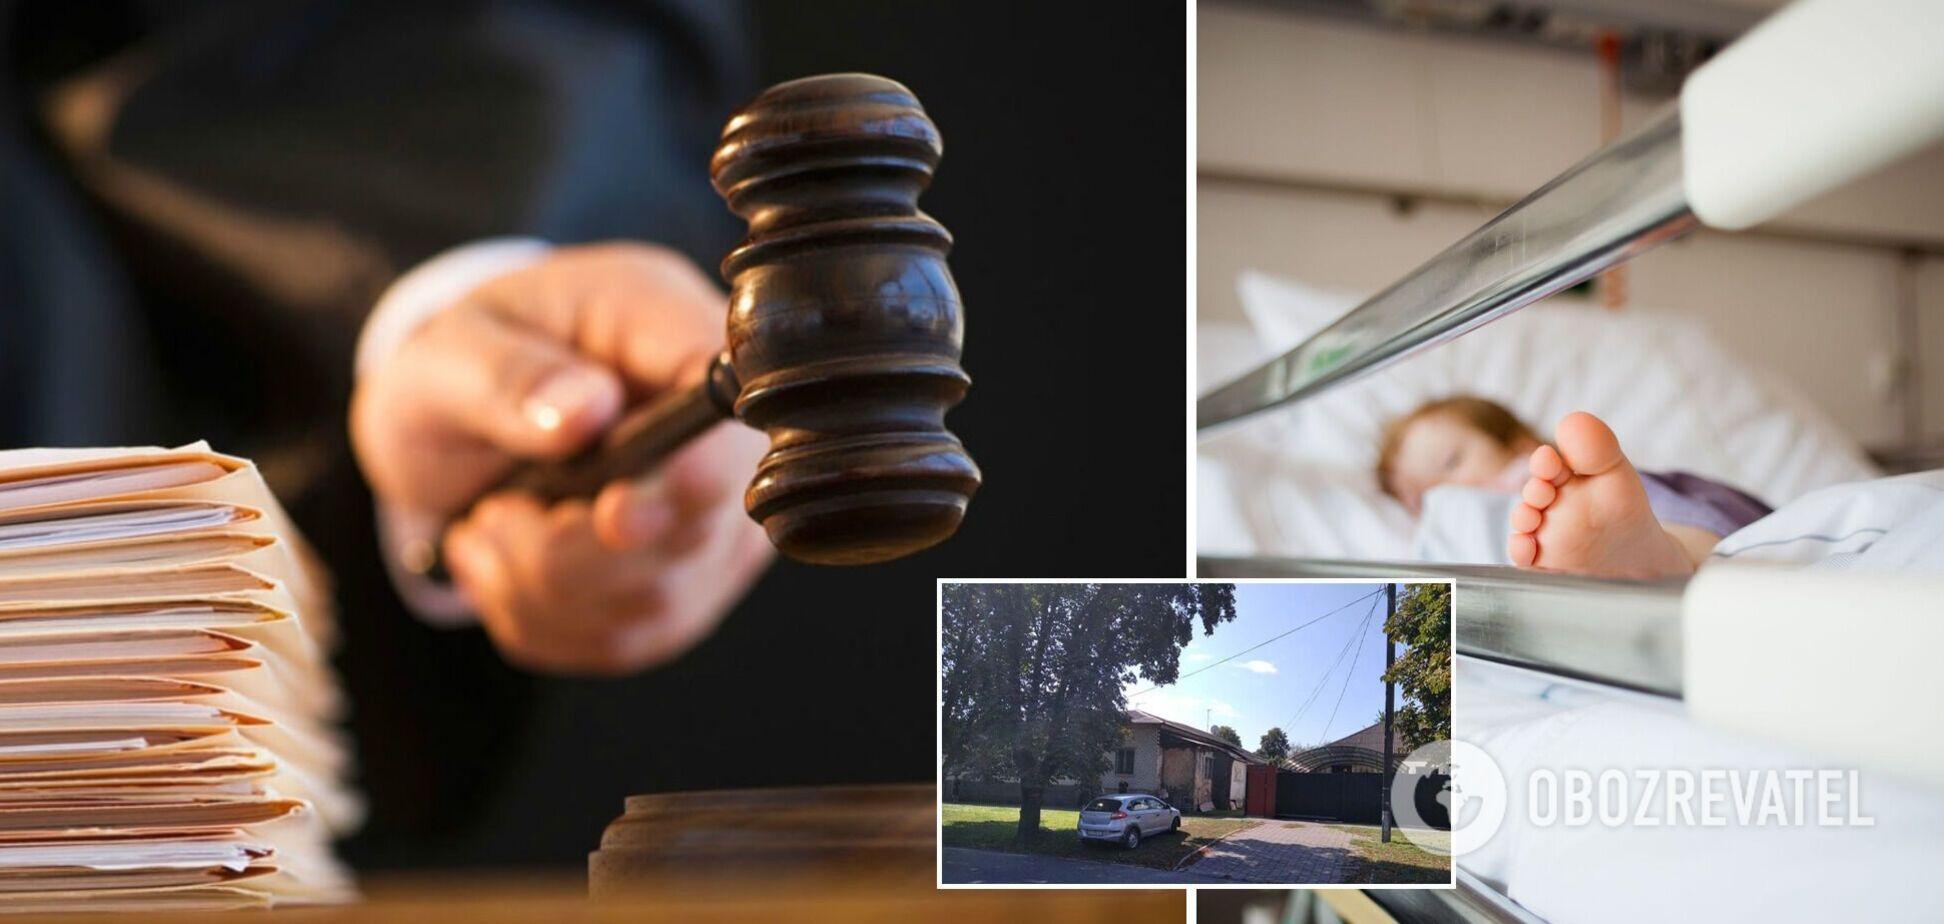 Знущання з 6-річного хлопчика у Черкасах: суд заарештував дідуся дитини